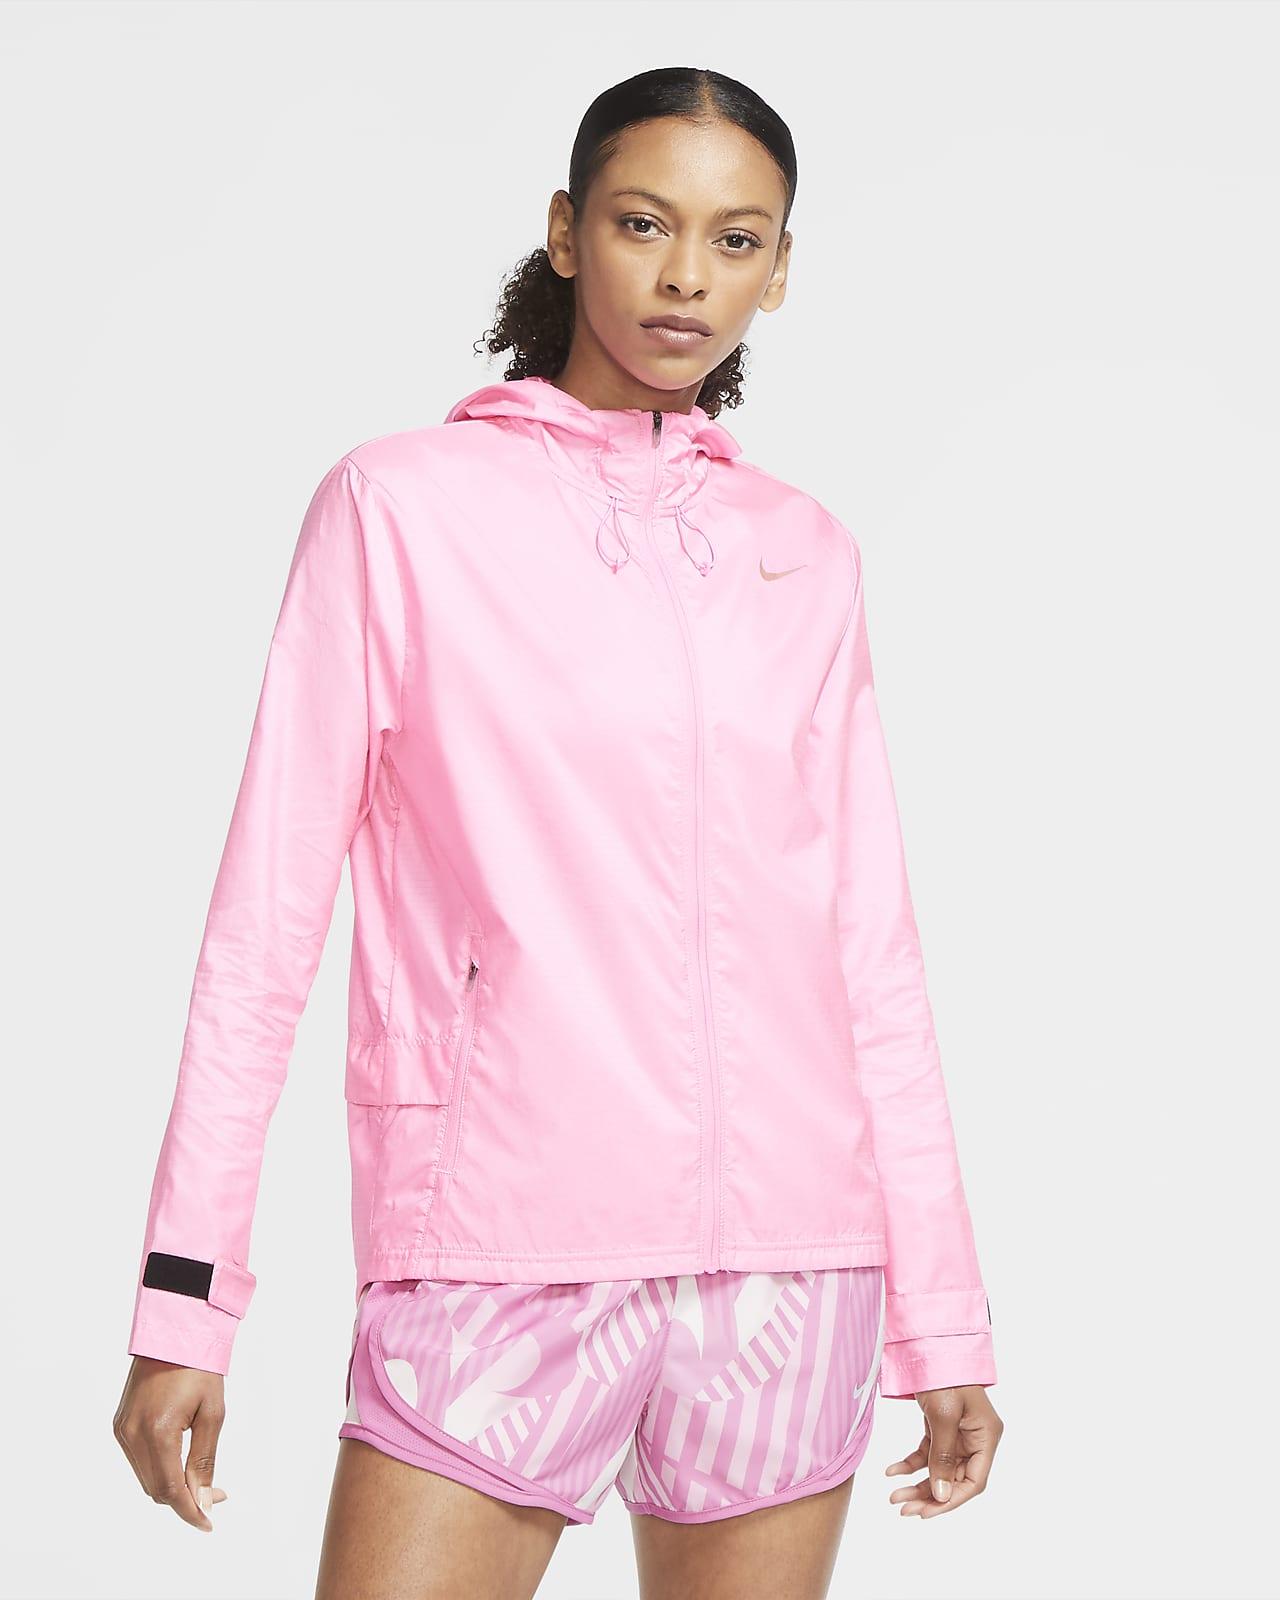 เสื้อแจ็คเก็ตวิ่งผู้หญิง Nike Essential